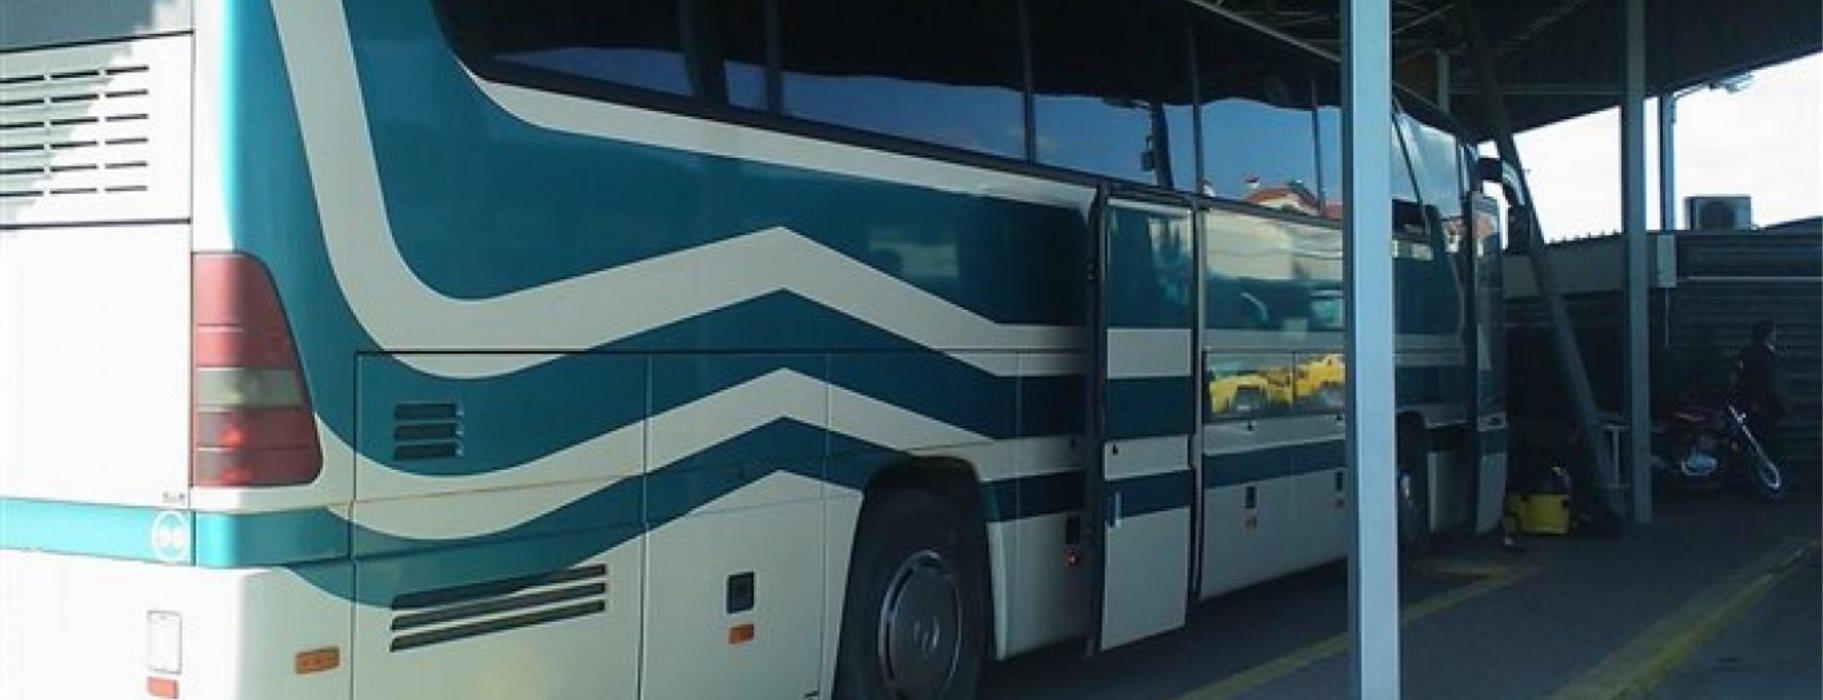 Αποτέλεσμα εικόνας για Βουλευτής γύρισε από τα Γιάννενα με λεωφορείο των ΚΤΕΛ